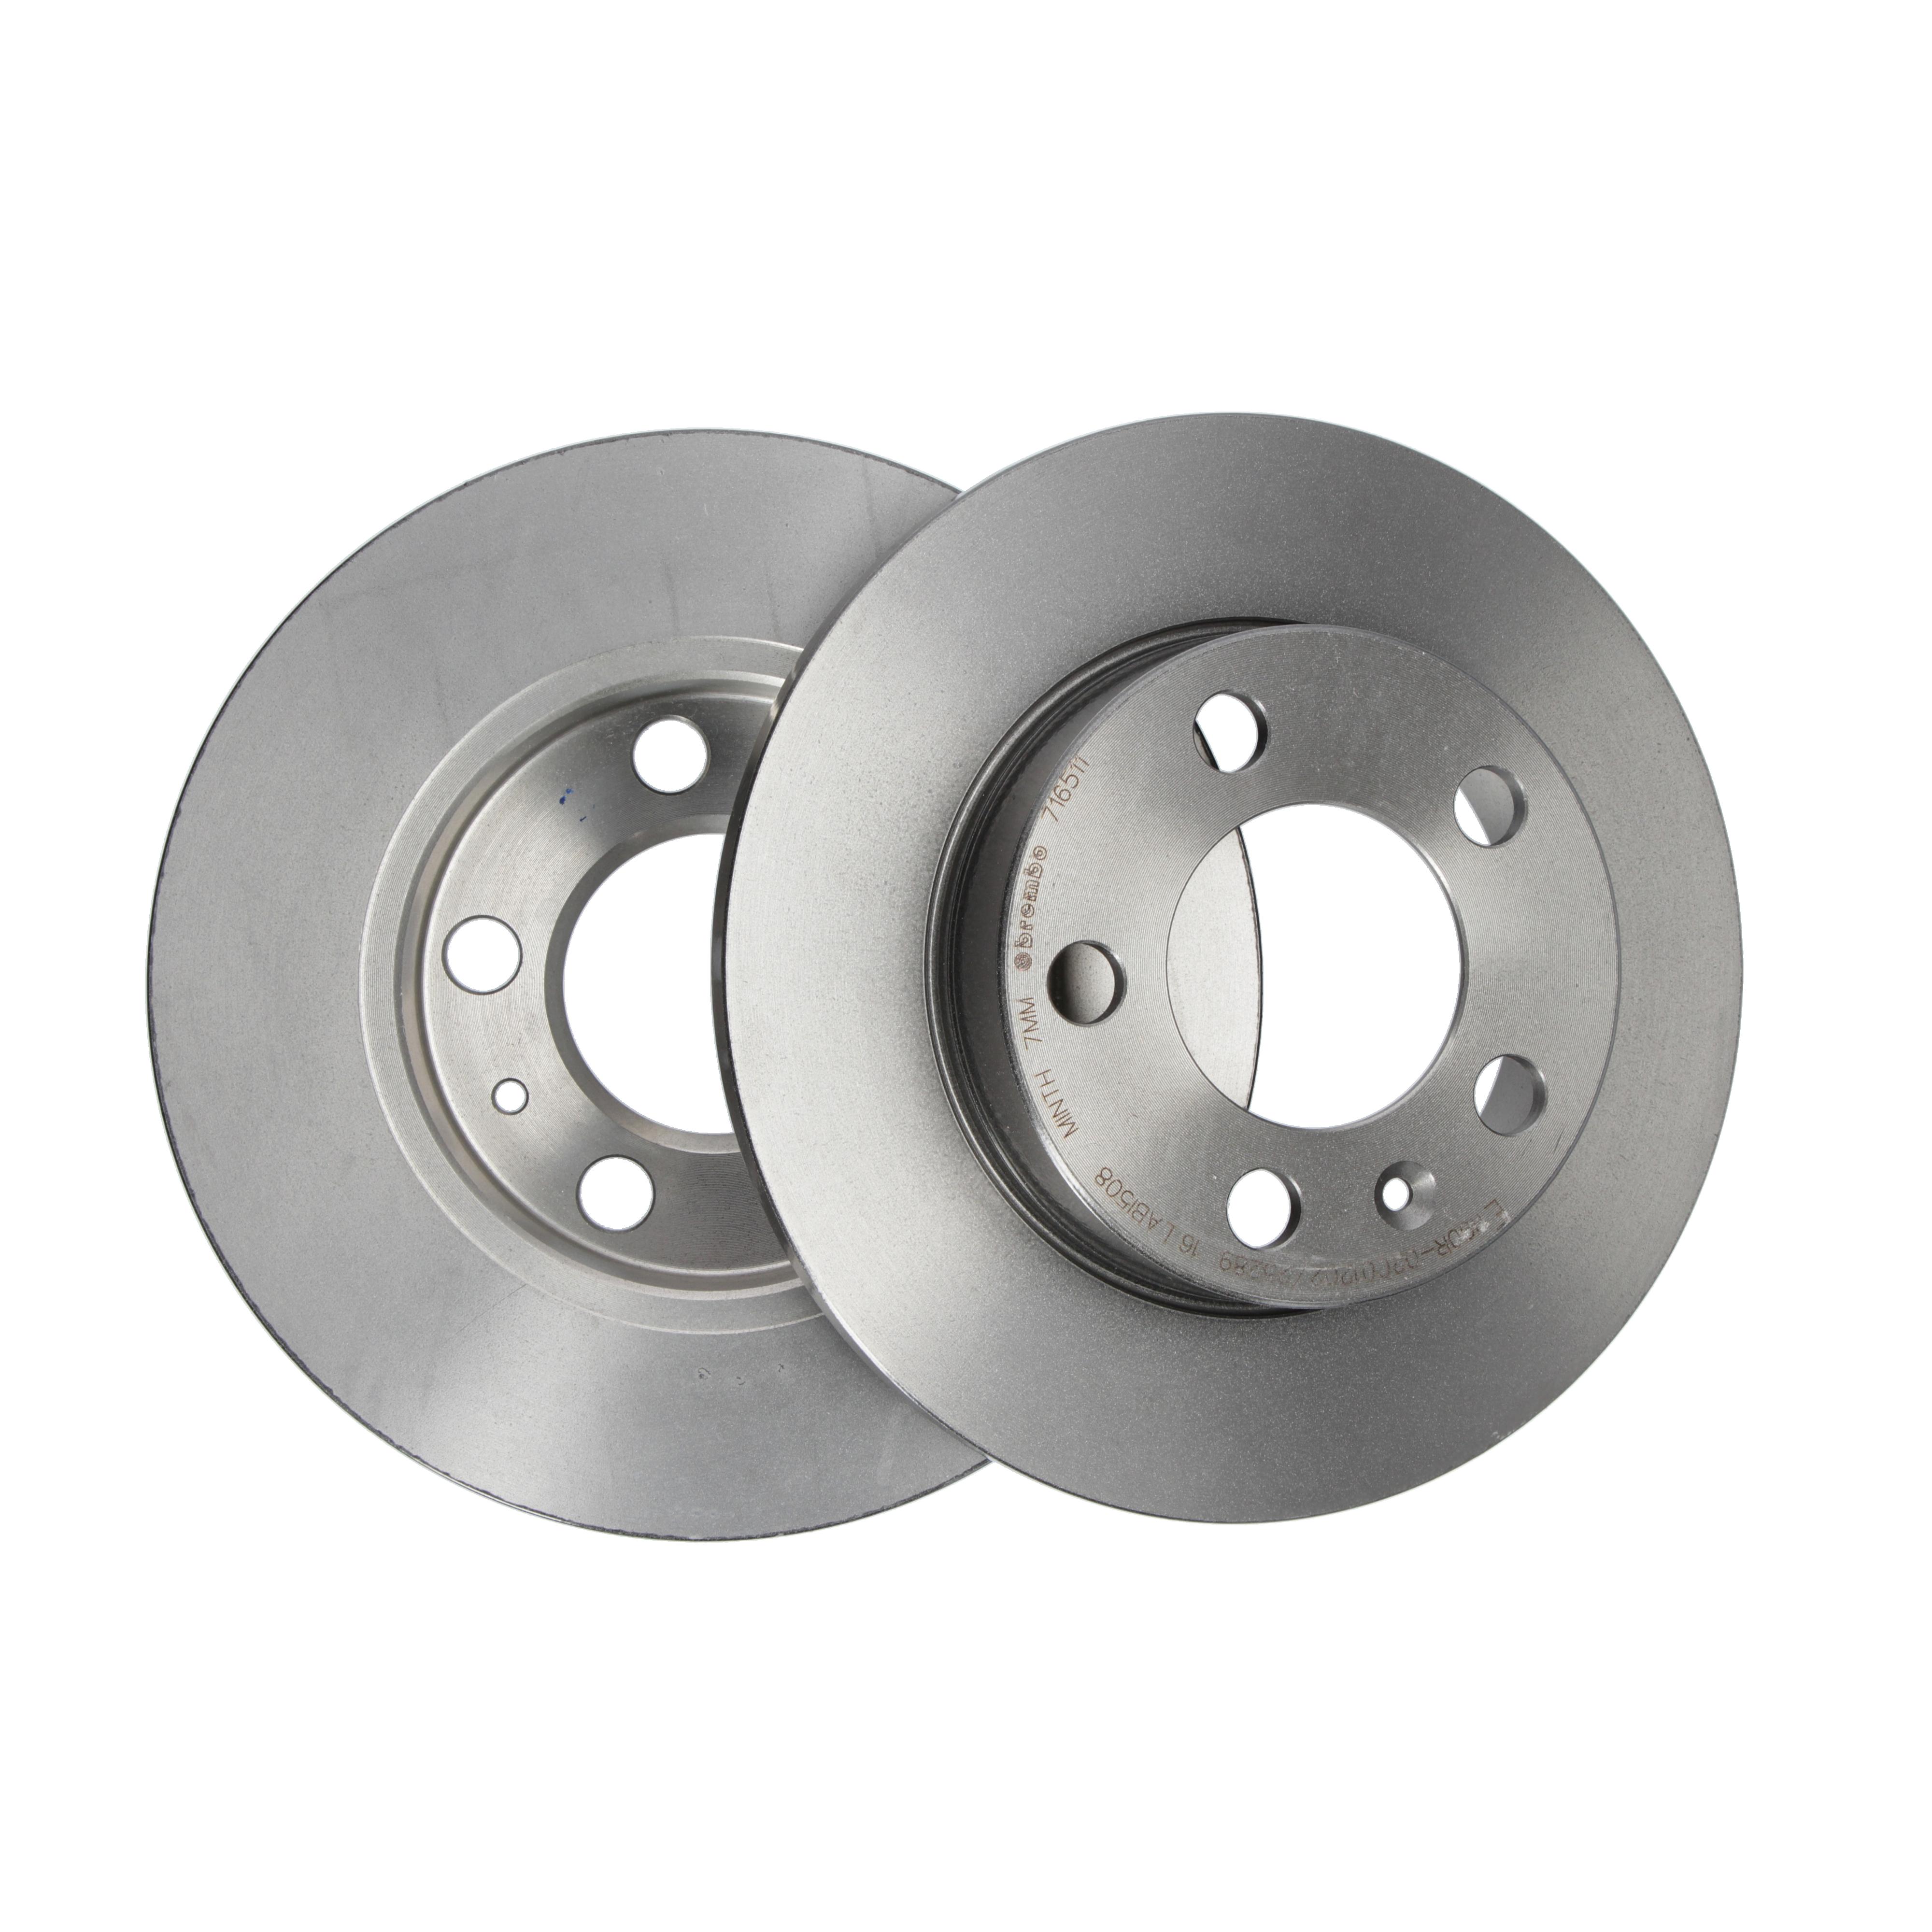 für VW Audi Bremsbeläge Hinten u.a Brembo2 Bremsscheiben Voll 245 mm